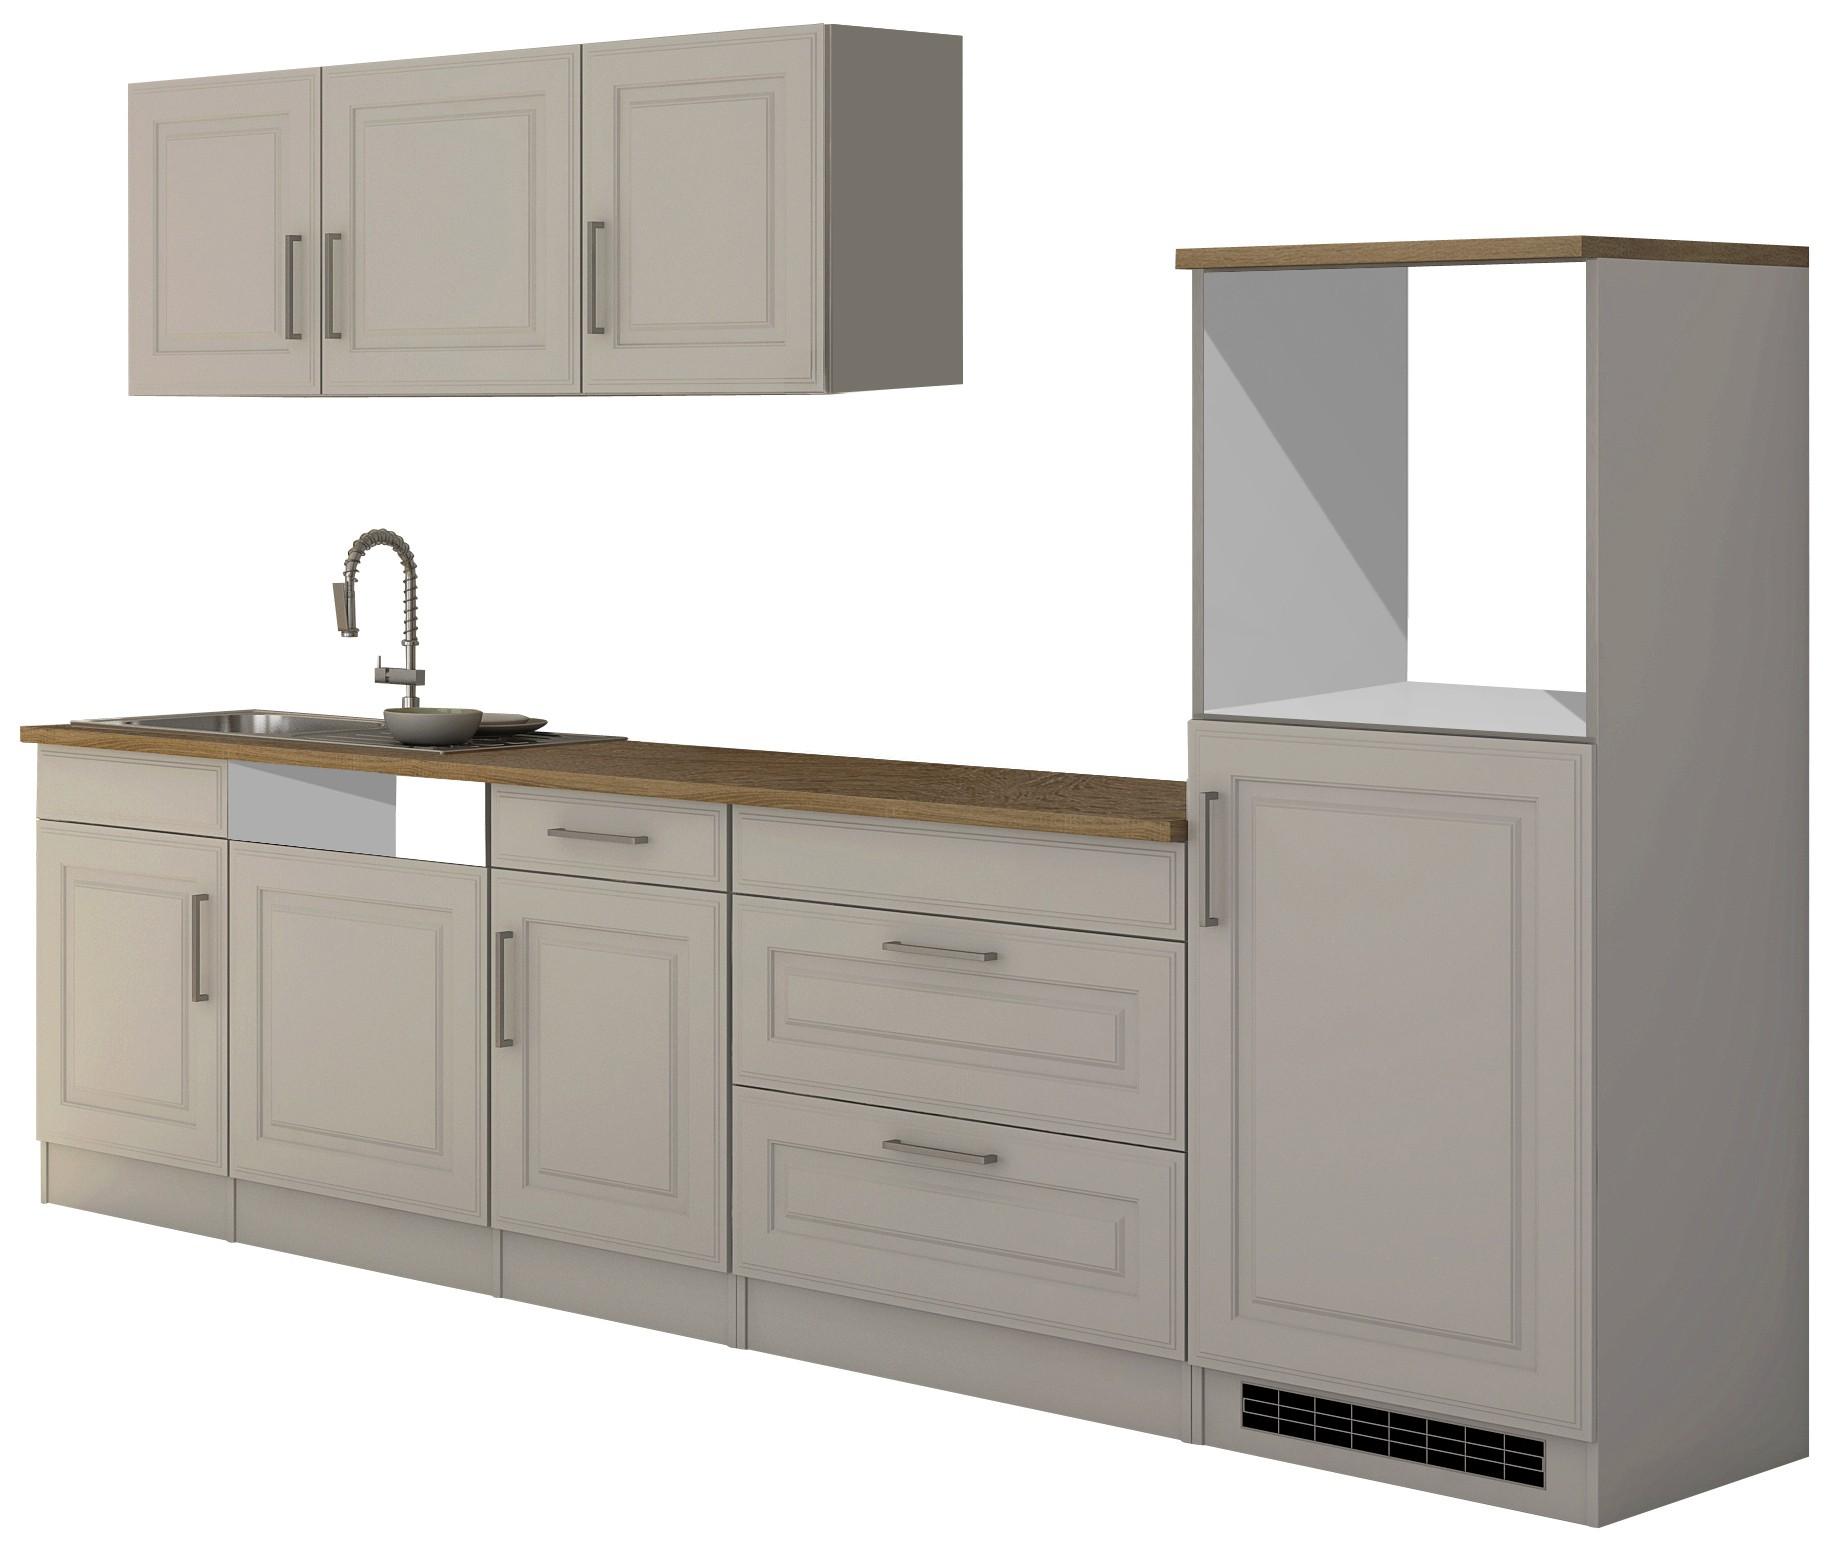 31 Phantasie Küchenzeile 300 Cm | Küchen Ideen